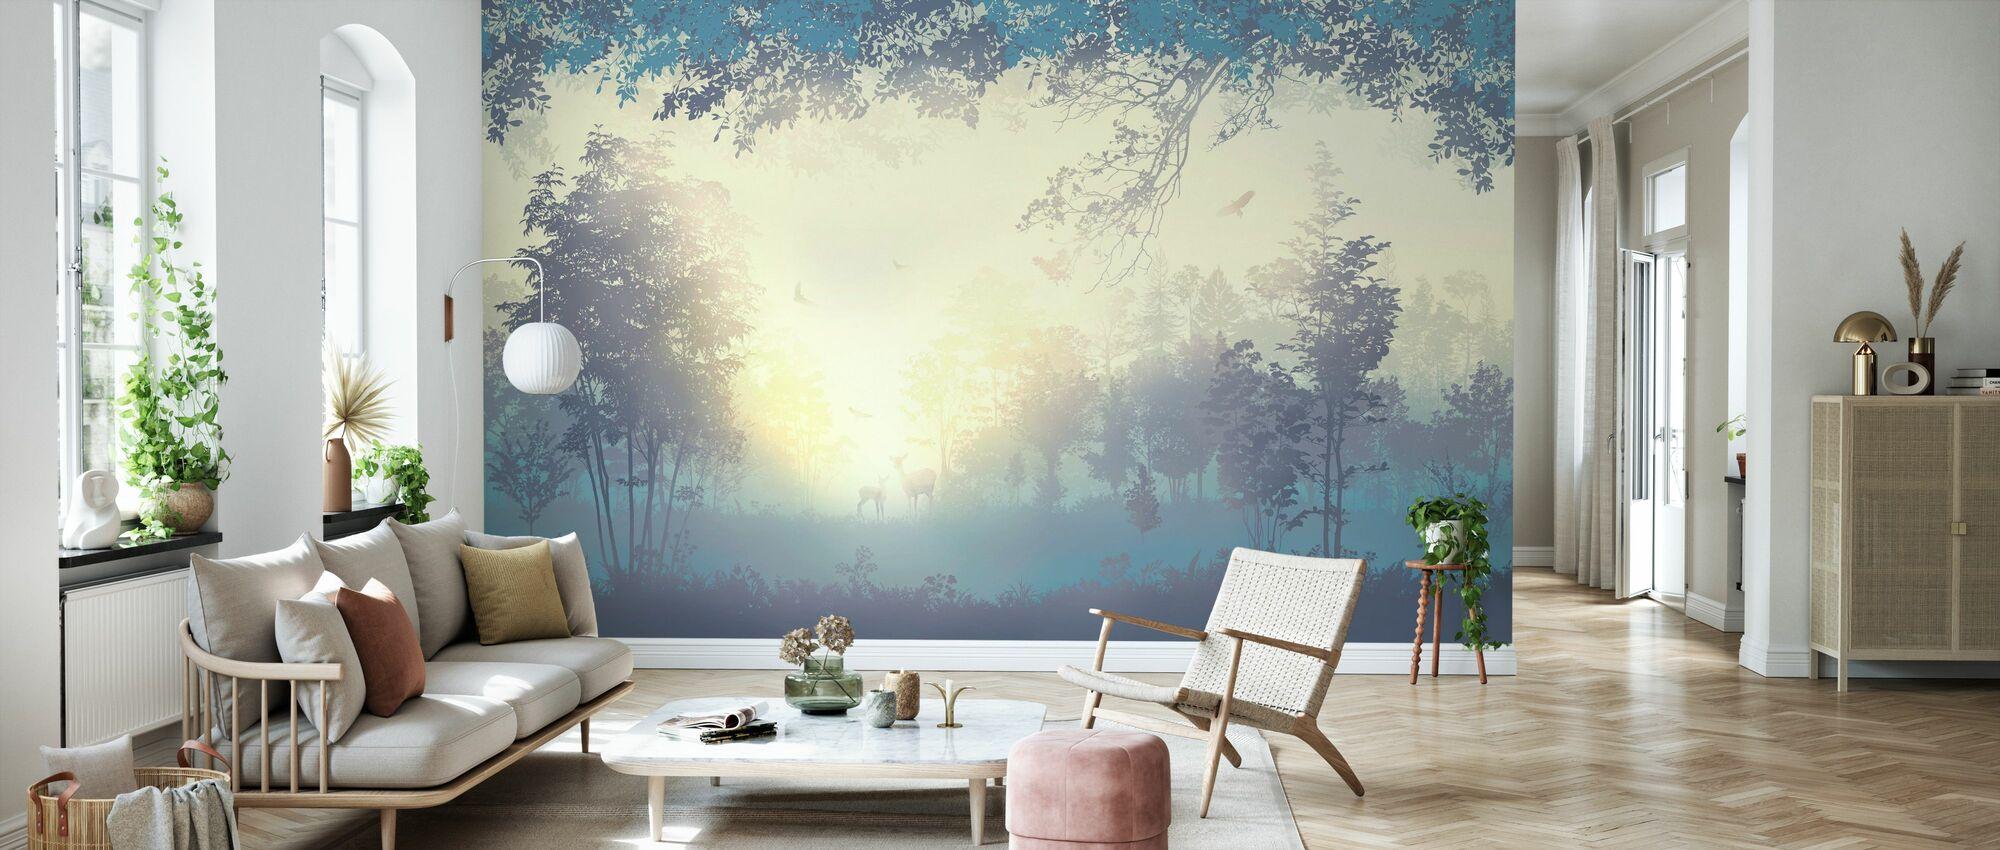 Deers in Forest - Wallpaper - Living Room